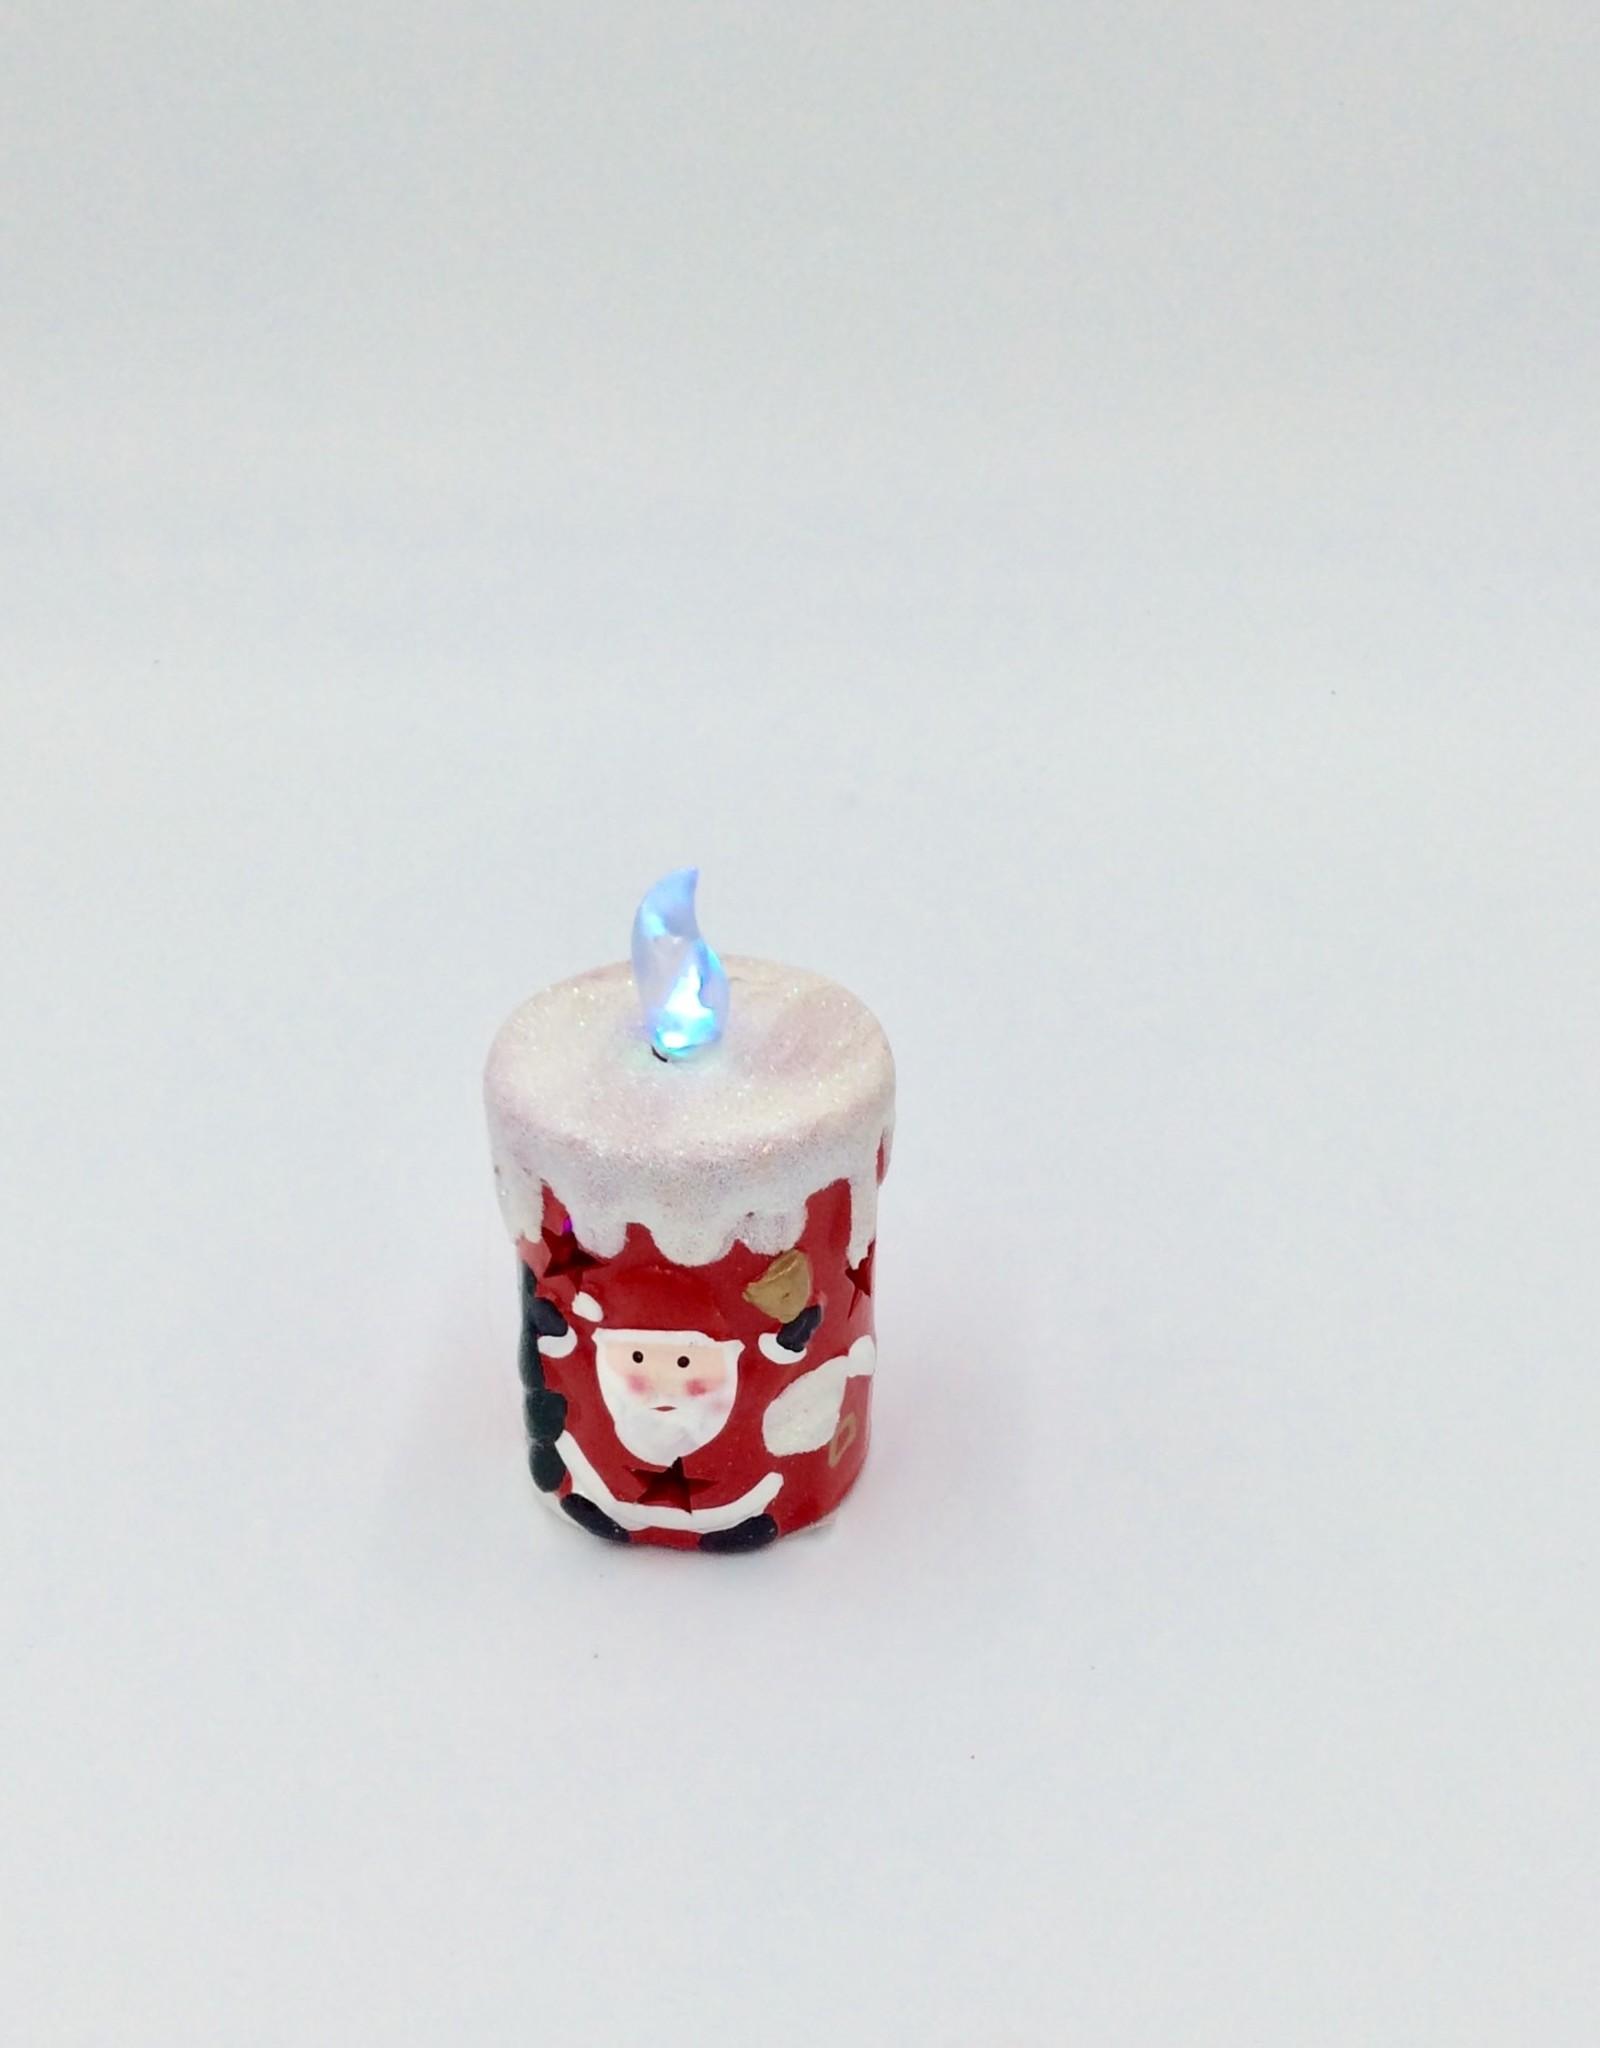 Christmas Ceramic LED Candle